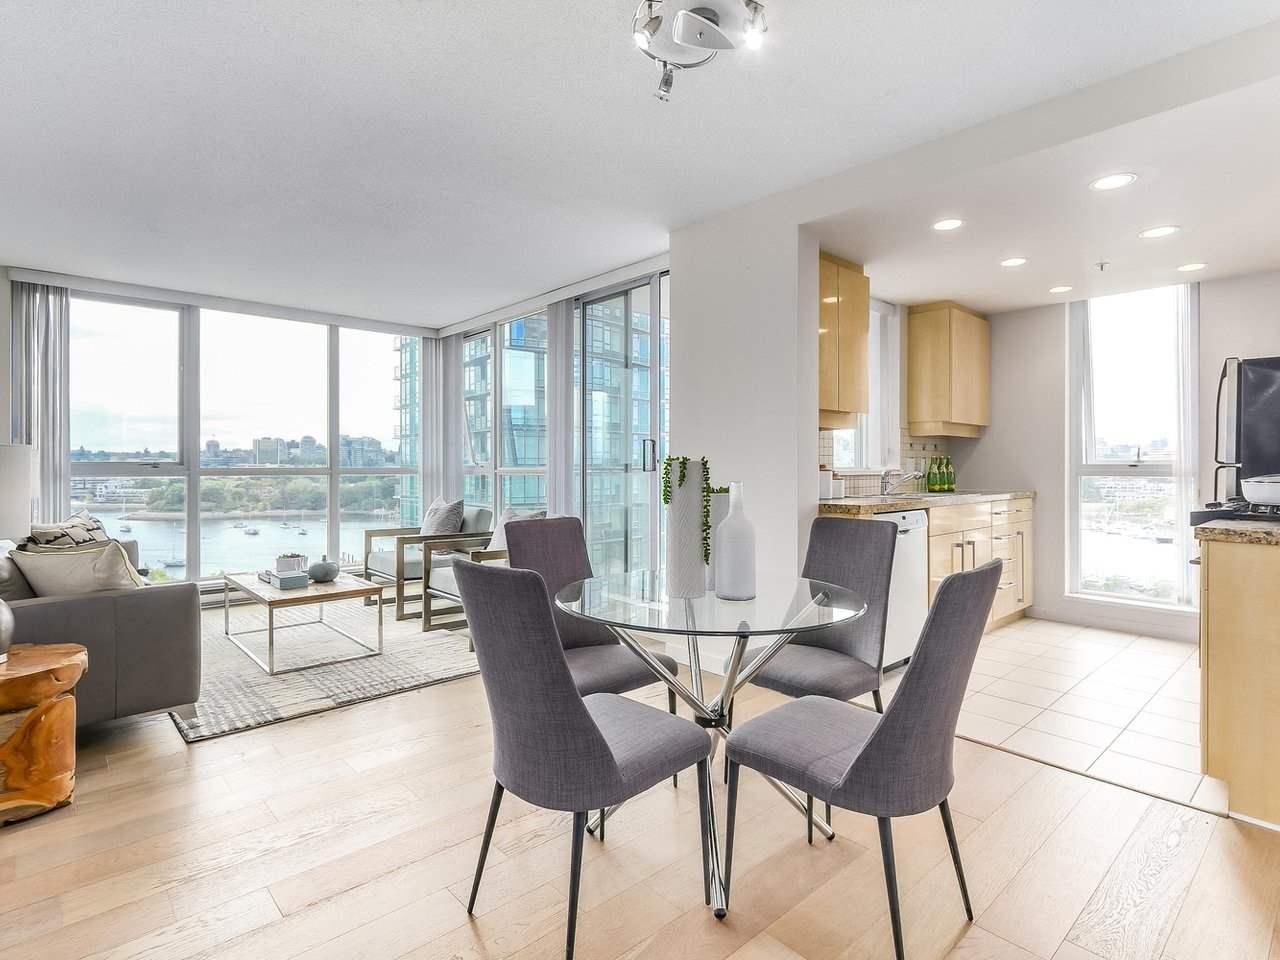 Condo Apartment at 1102 1408 STRATHMORE MEWS, Unit 1102, Vancouver West, British Columbia. Image 6